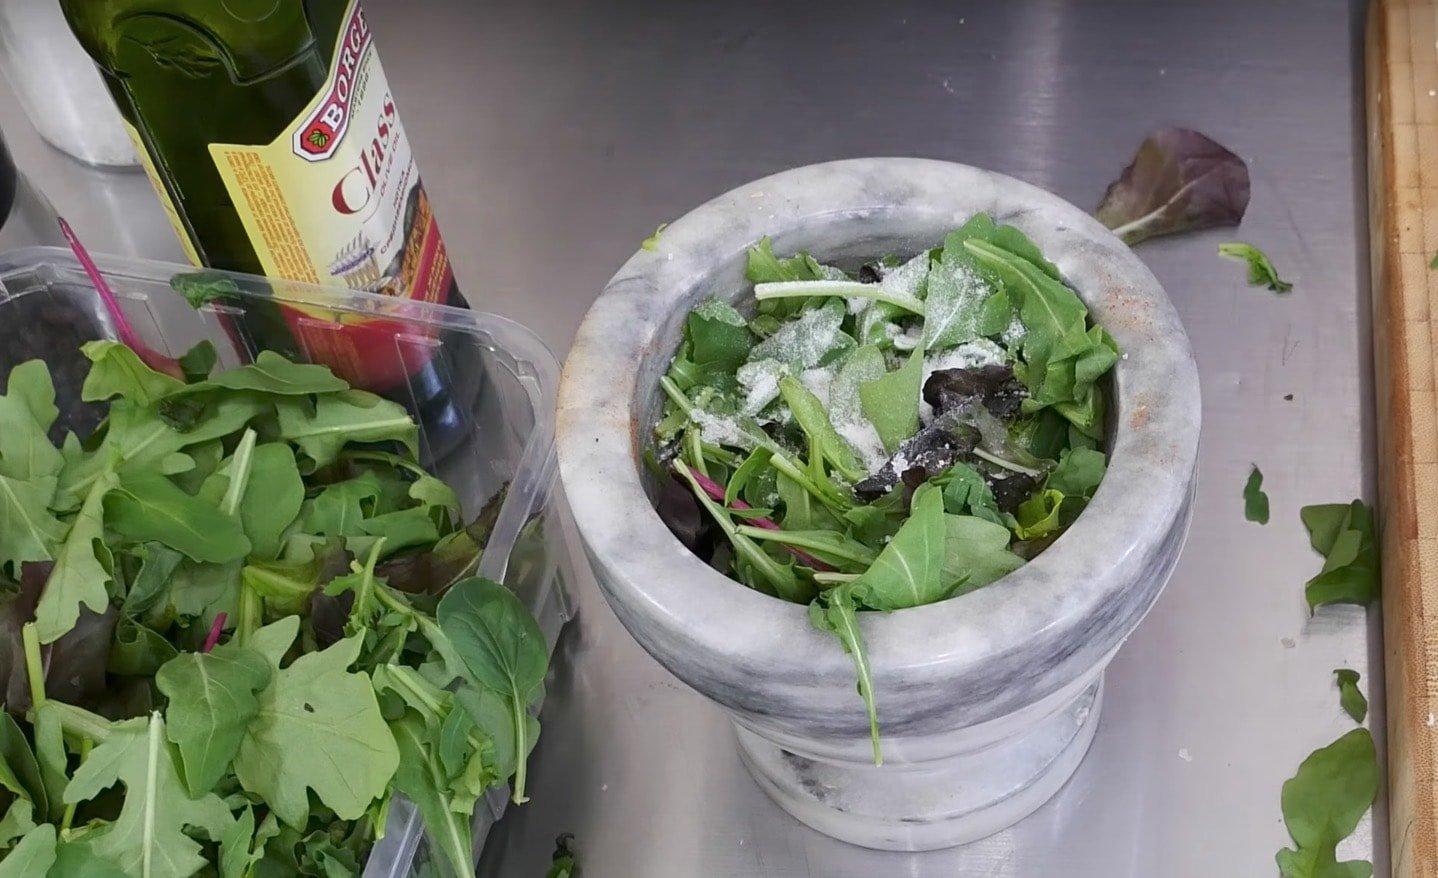 После добавить сыр, орехи, чеснок, масло. Толочь следует деревянным пестиком до однородности, постепенно вливая оставшееся оливковое масло.